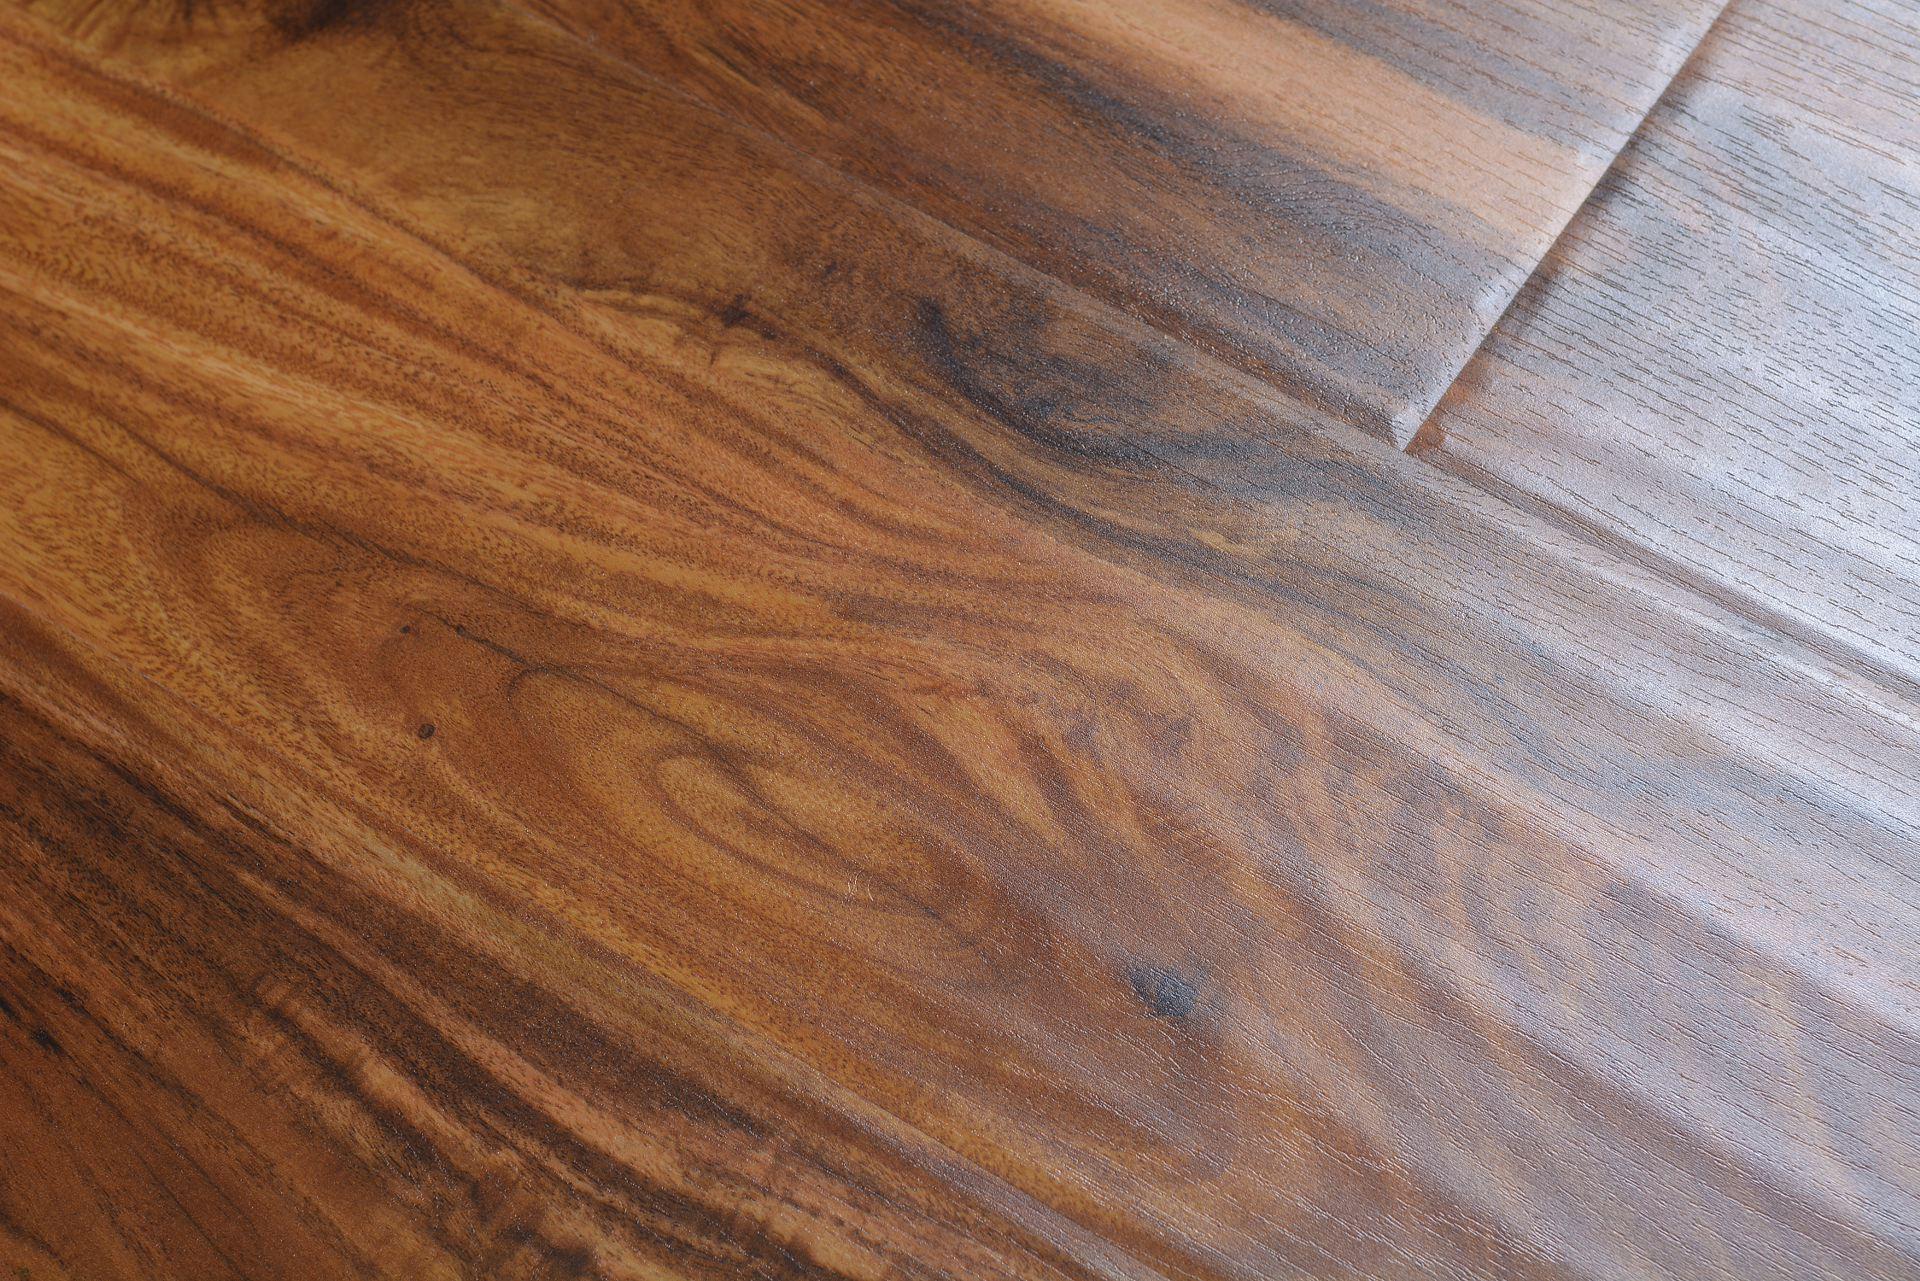 Acacia Laminate Flooring Images Home Fixtures Decoration